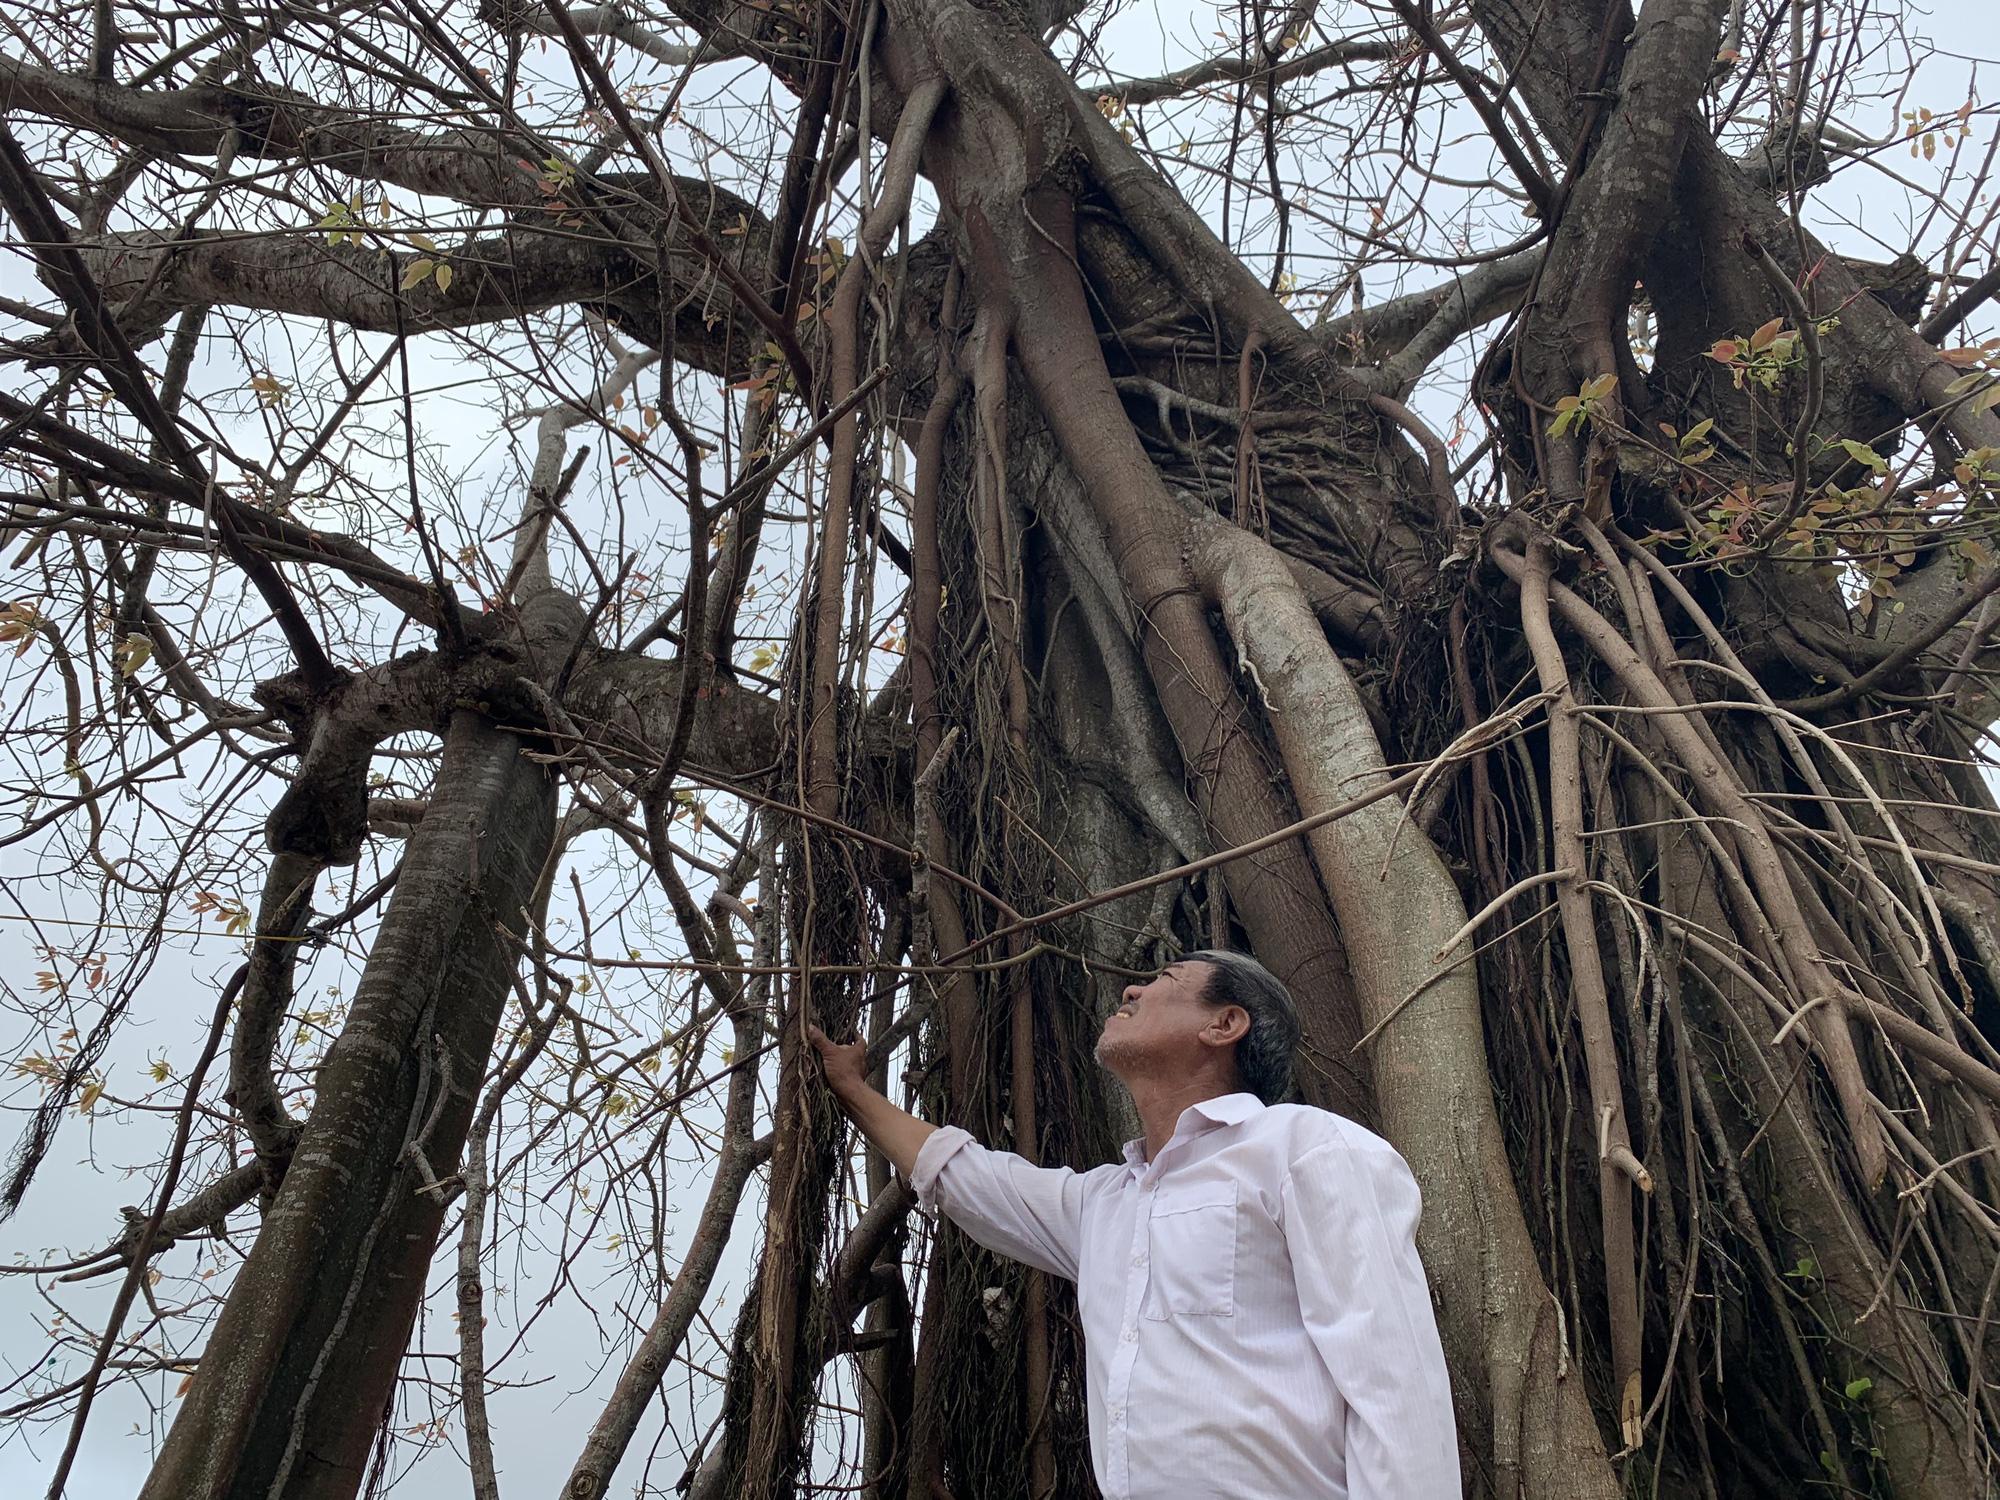 Hàng chục ngàn cây xanh trên đảo Lý Sơn bị bão vặt trụi lá  - Ảnh 1.